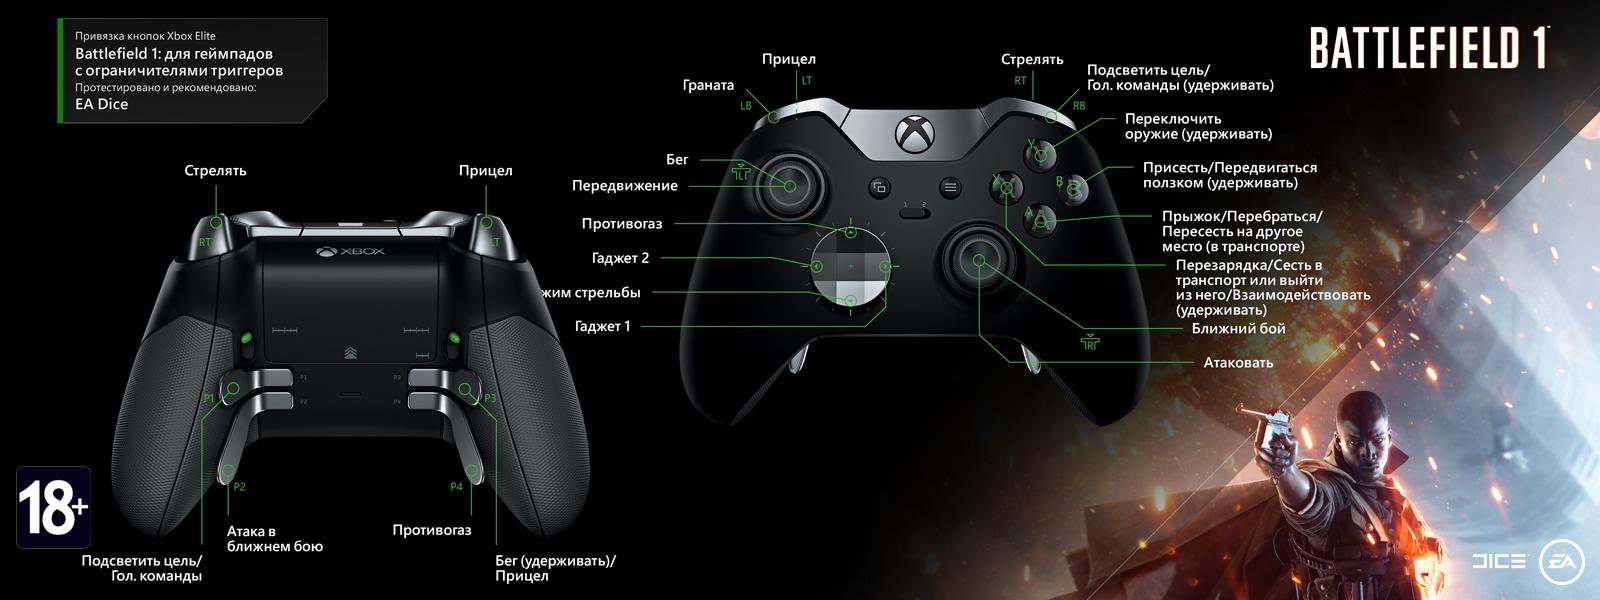 Battlefield 1 — раскладка под геймпад с ограничителями хода триггеров